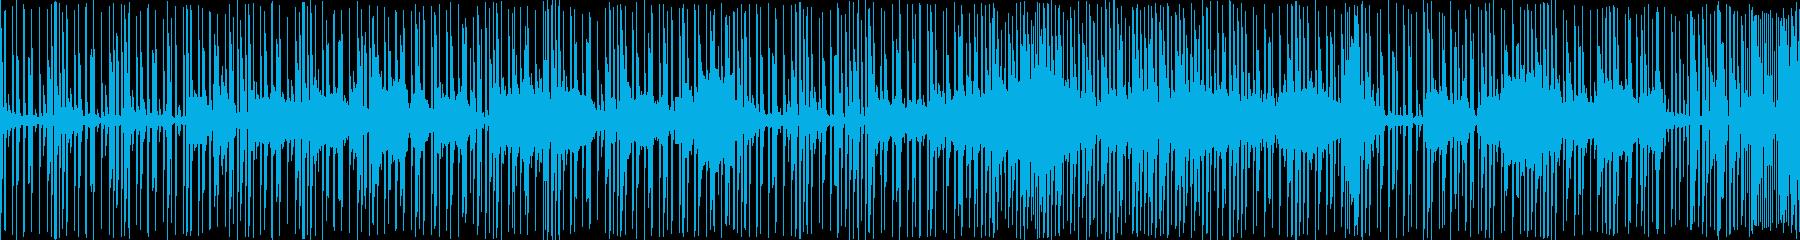 デジタルな和風ホラーの再生済みの波形